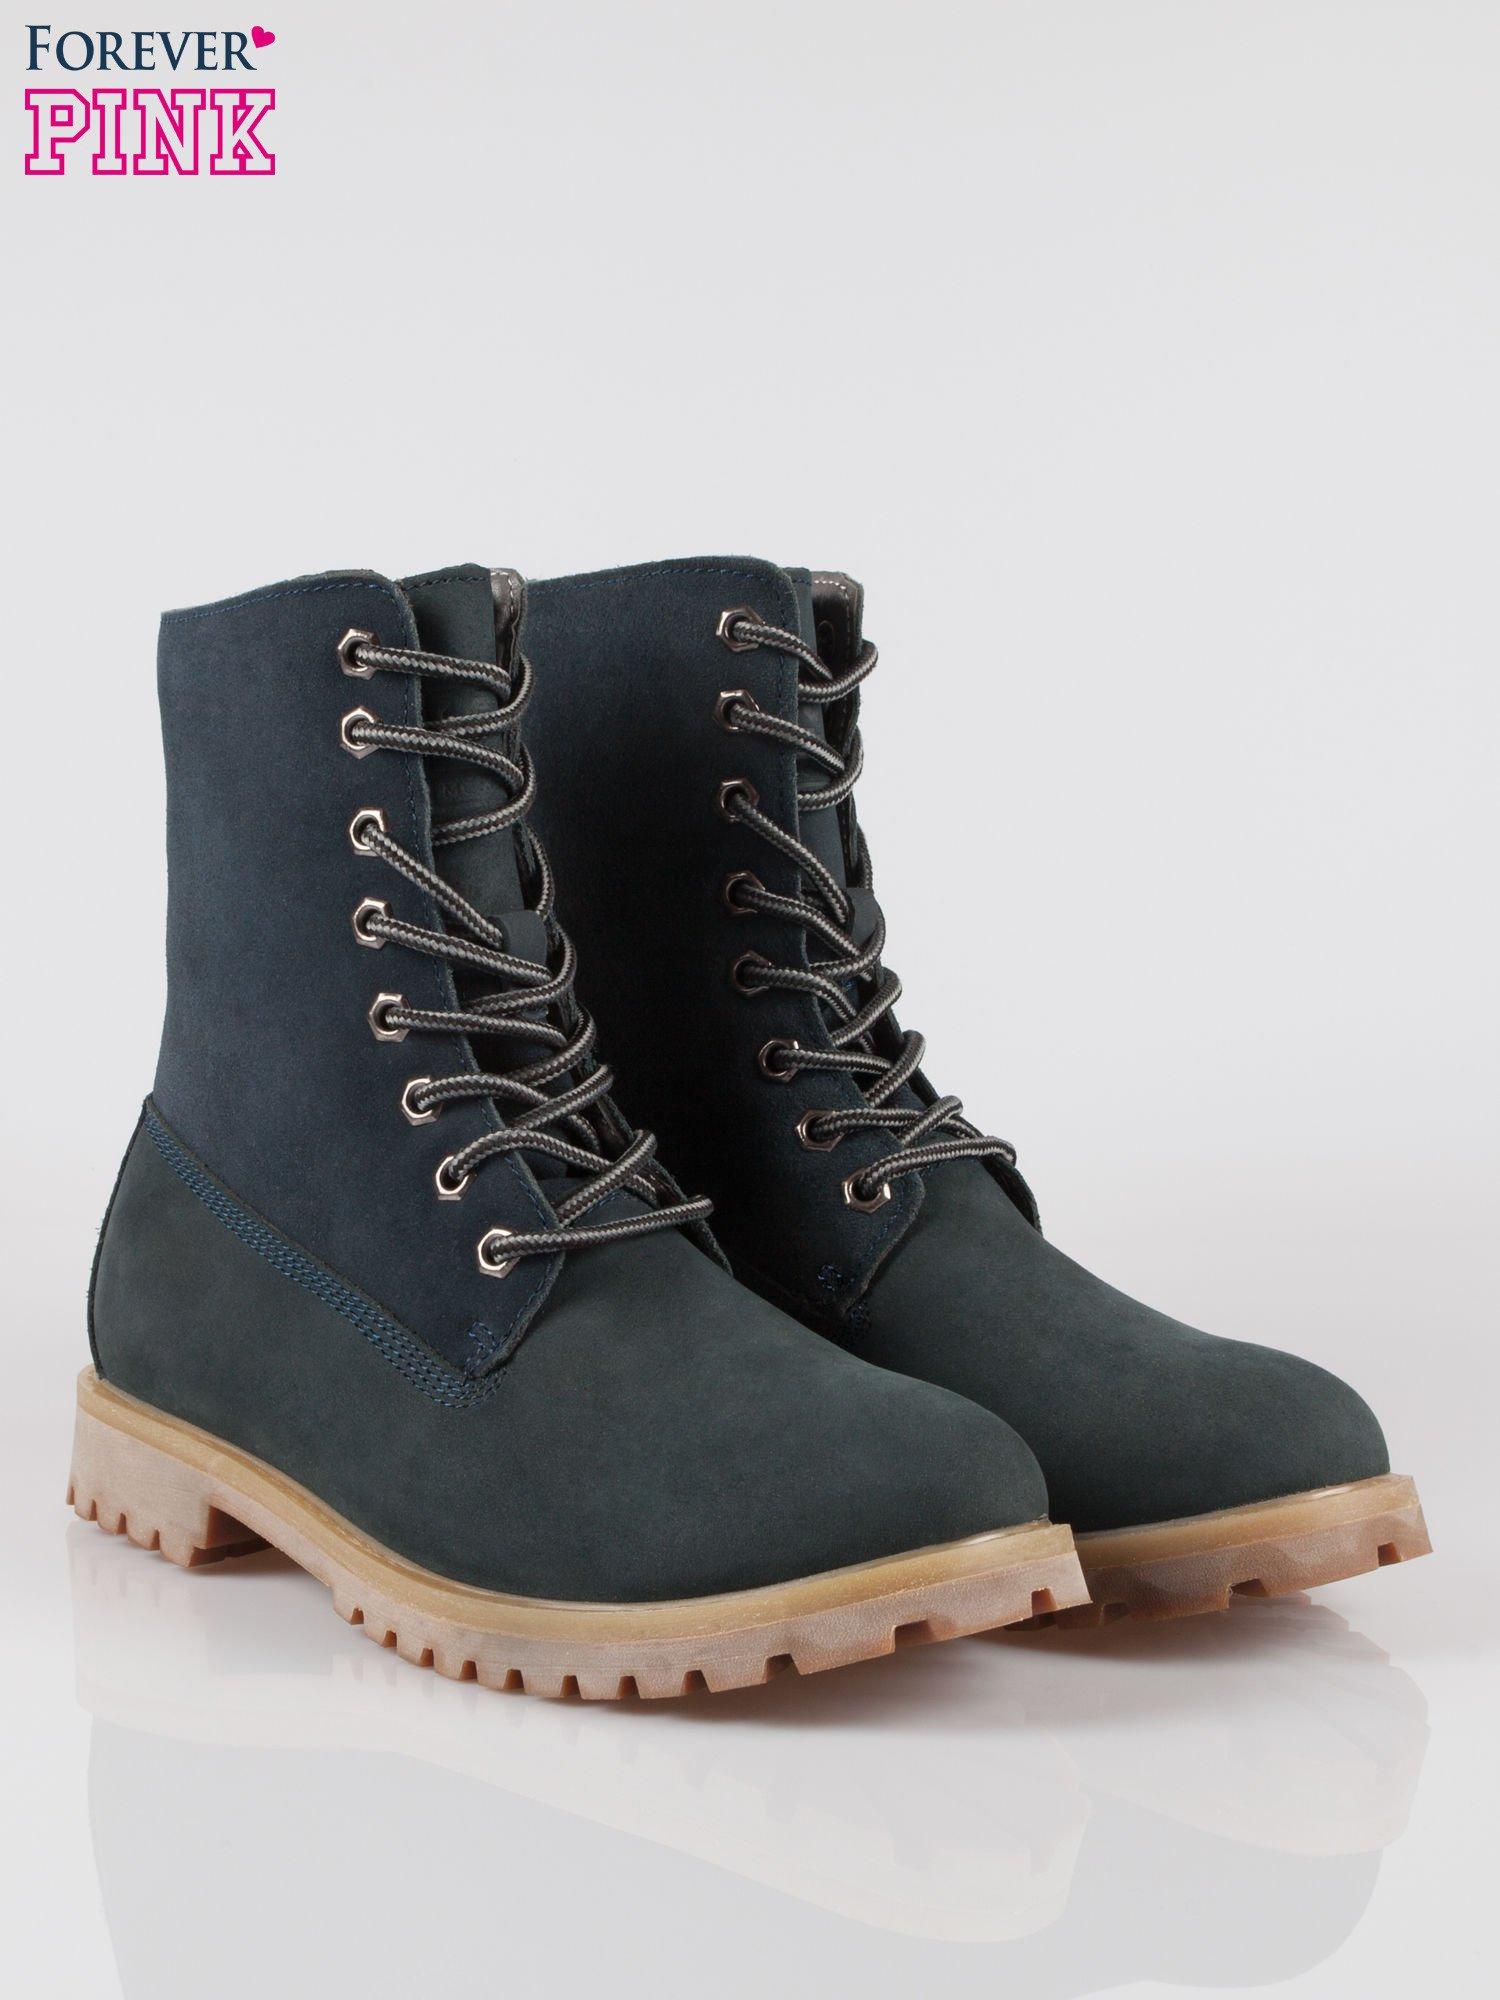 Granatowe wysokie buty trekkingowe traperki damskie ze skóry naturalnej                                  zdj.                                  2